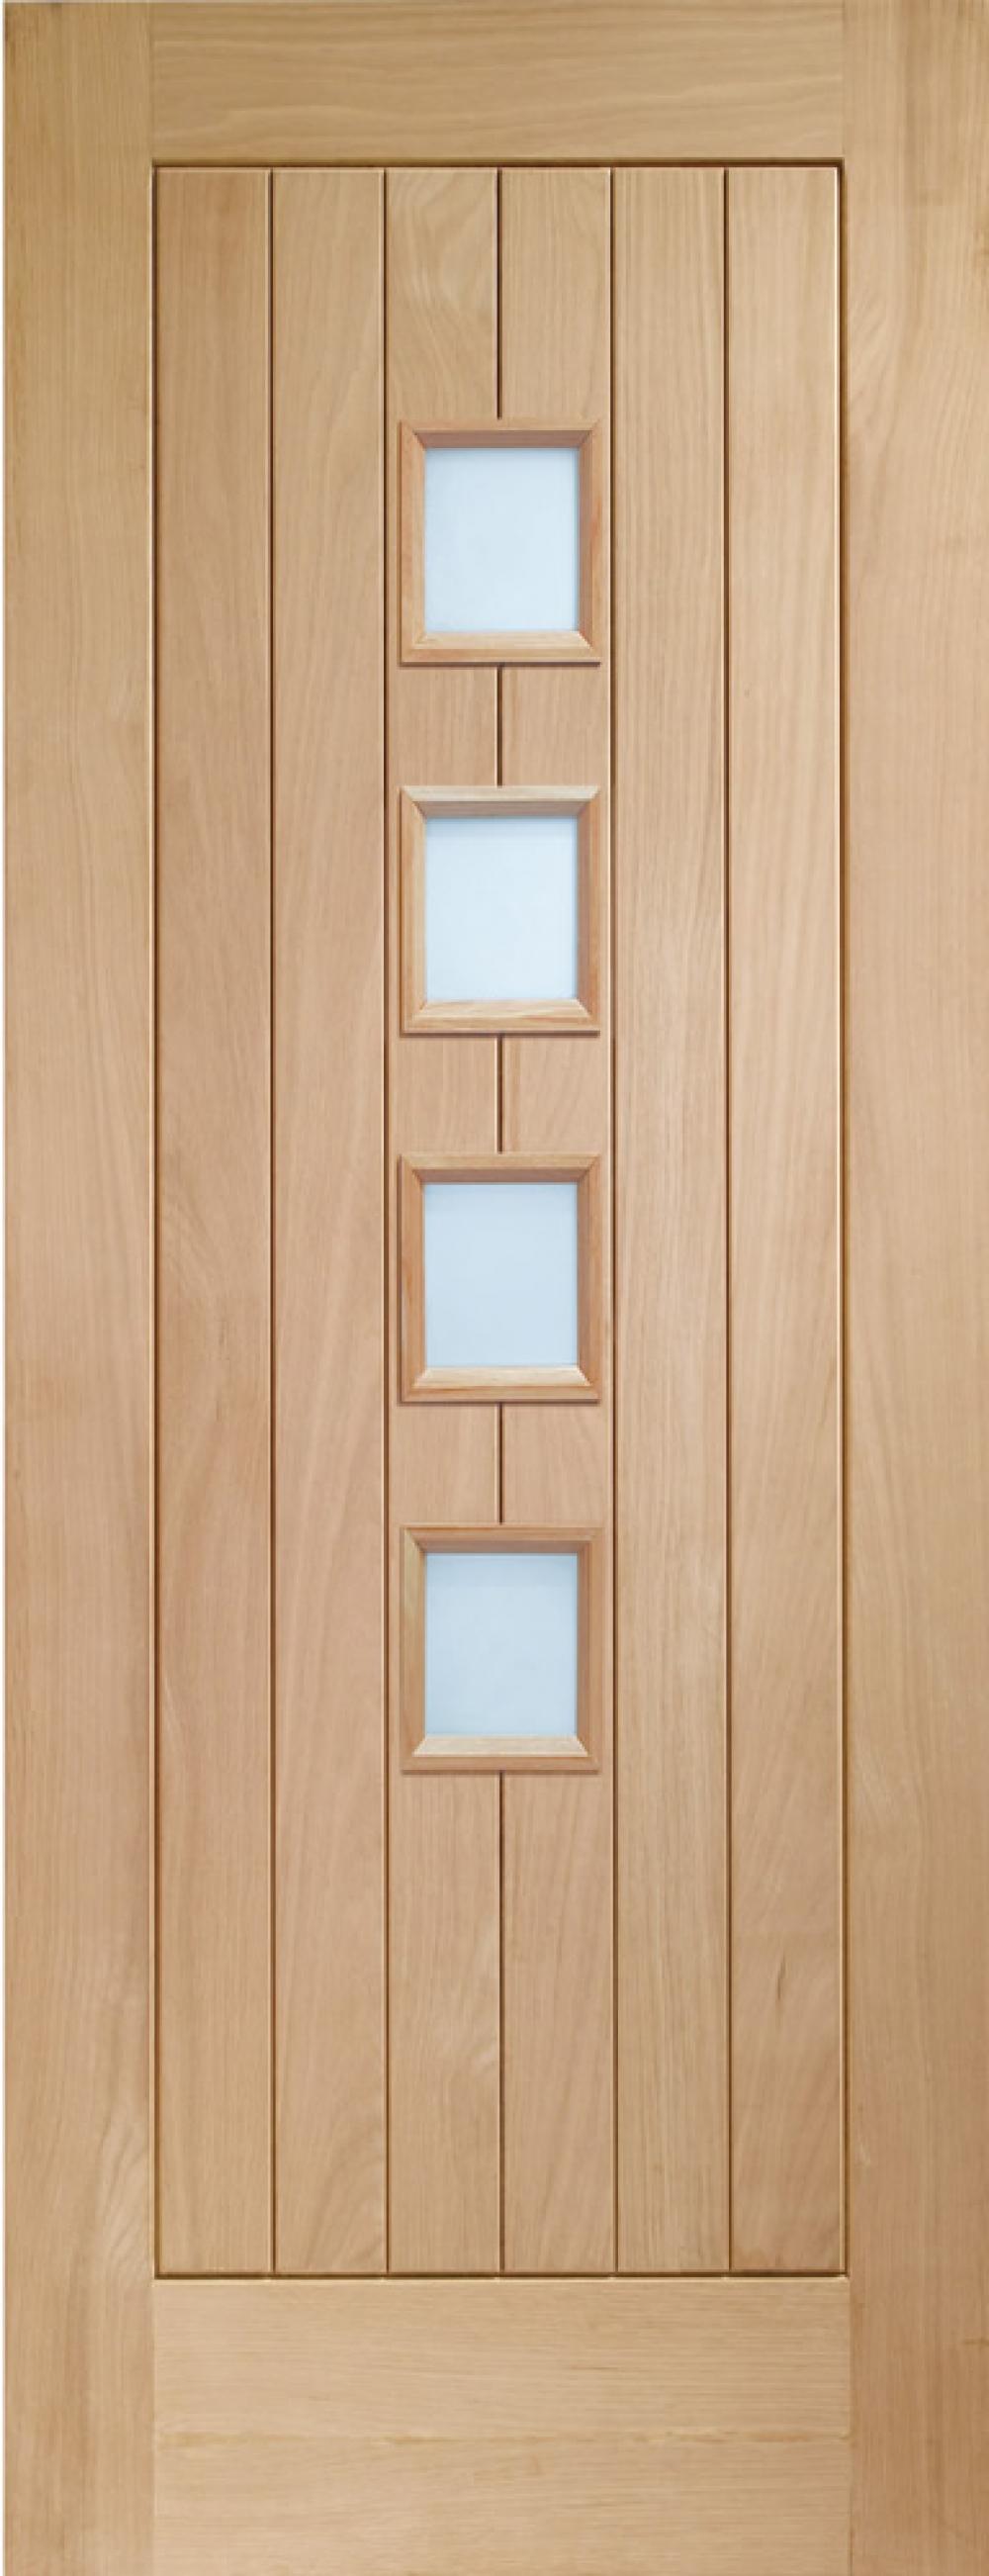 Suffolk Oak 4 Light Glazed Door - Obscure